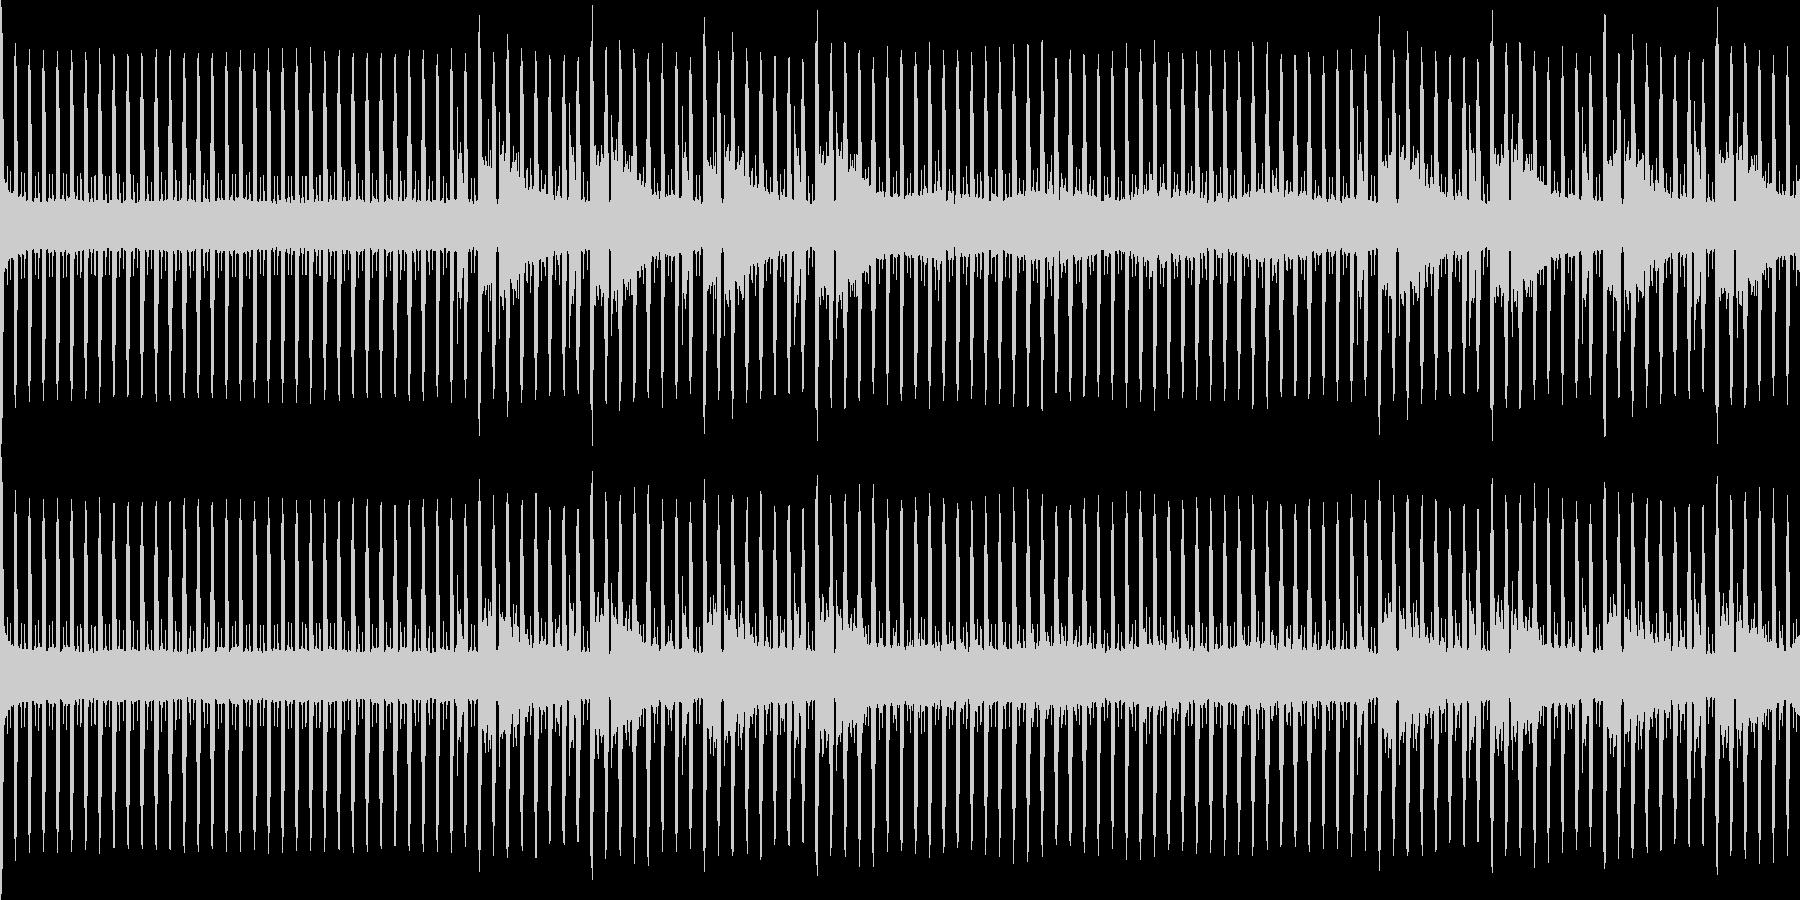 無機質なニュースBGMループの未再生の波形